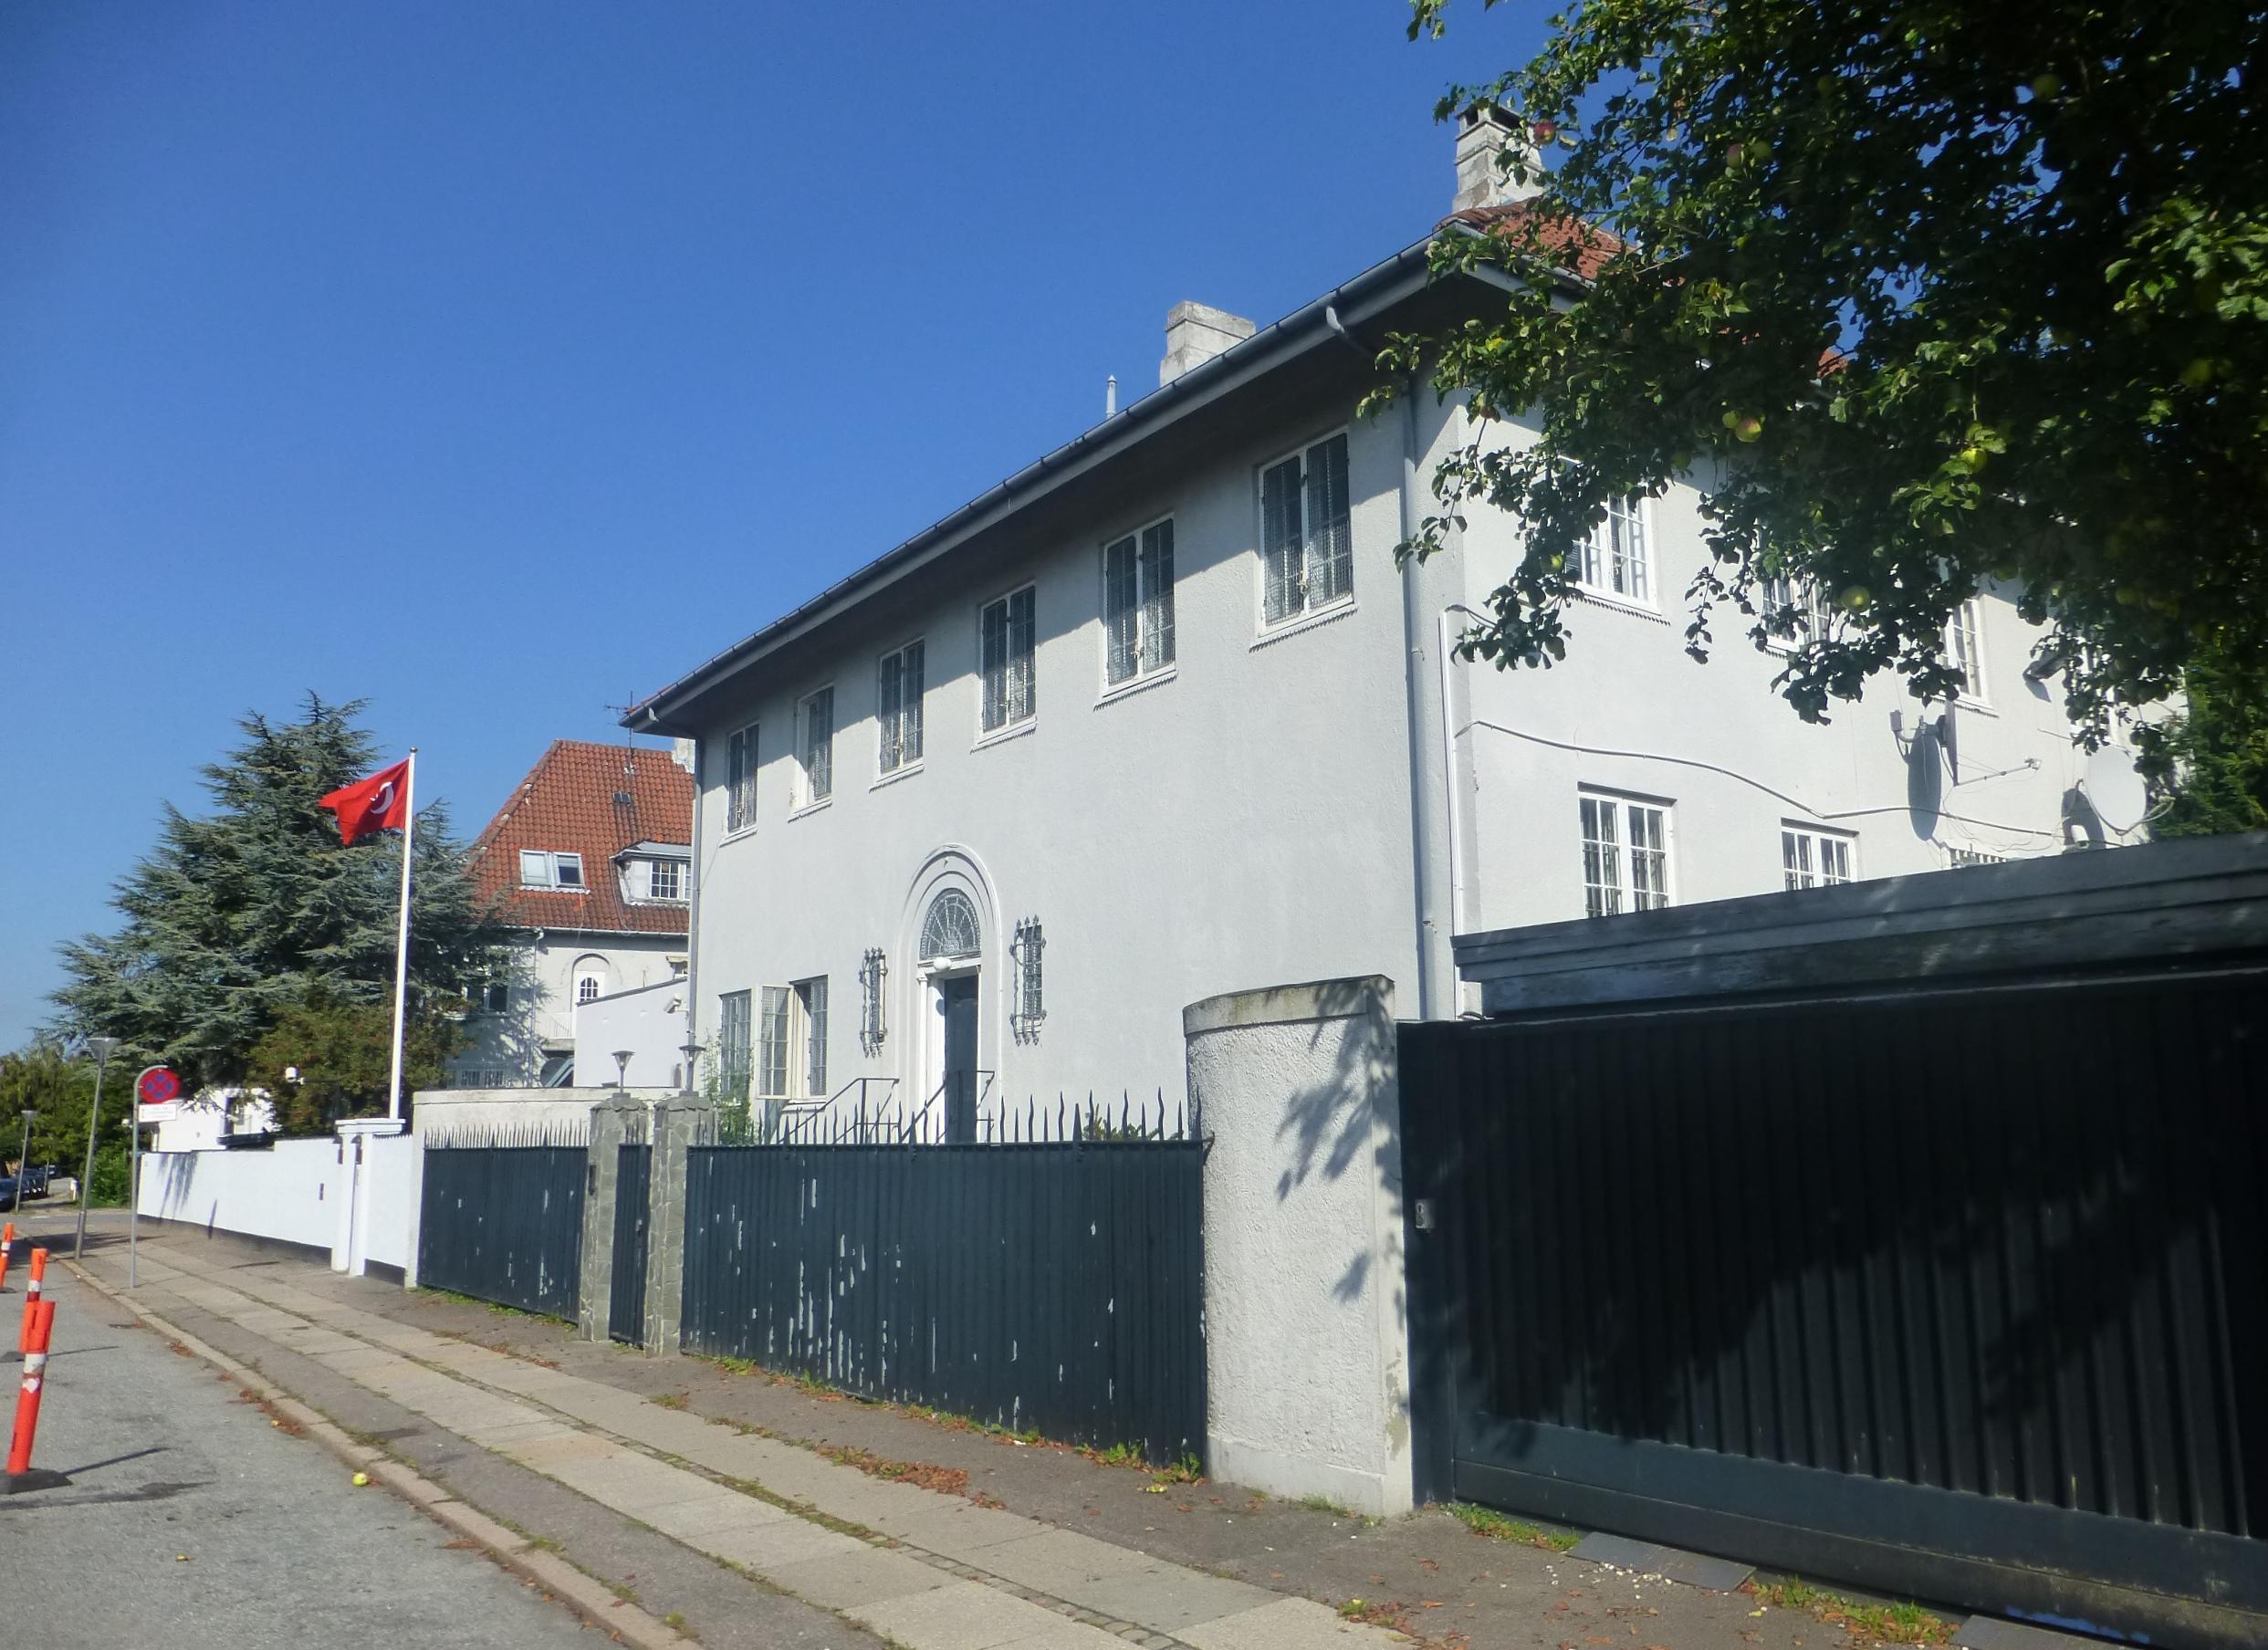 Αποτέλεσμα εικόνας για turkish embassy copenhagen\